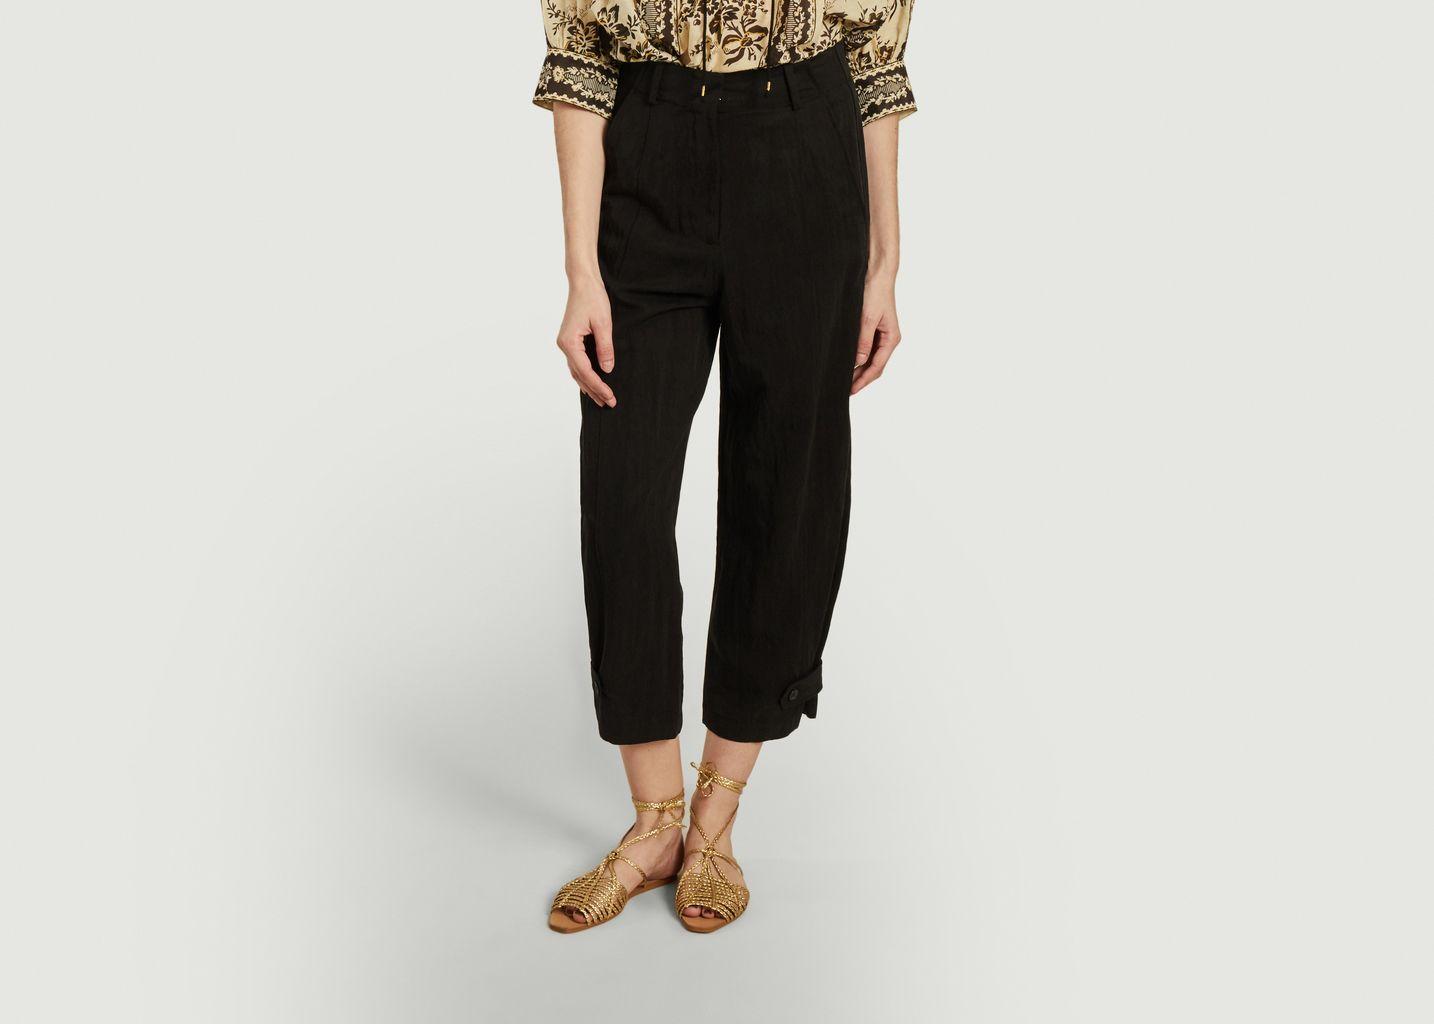 Pantalon Fira - Masscob